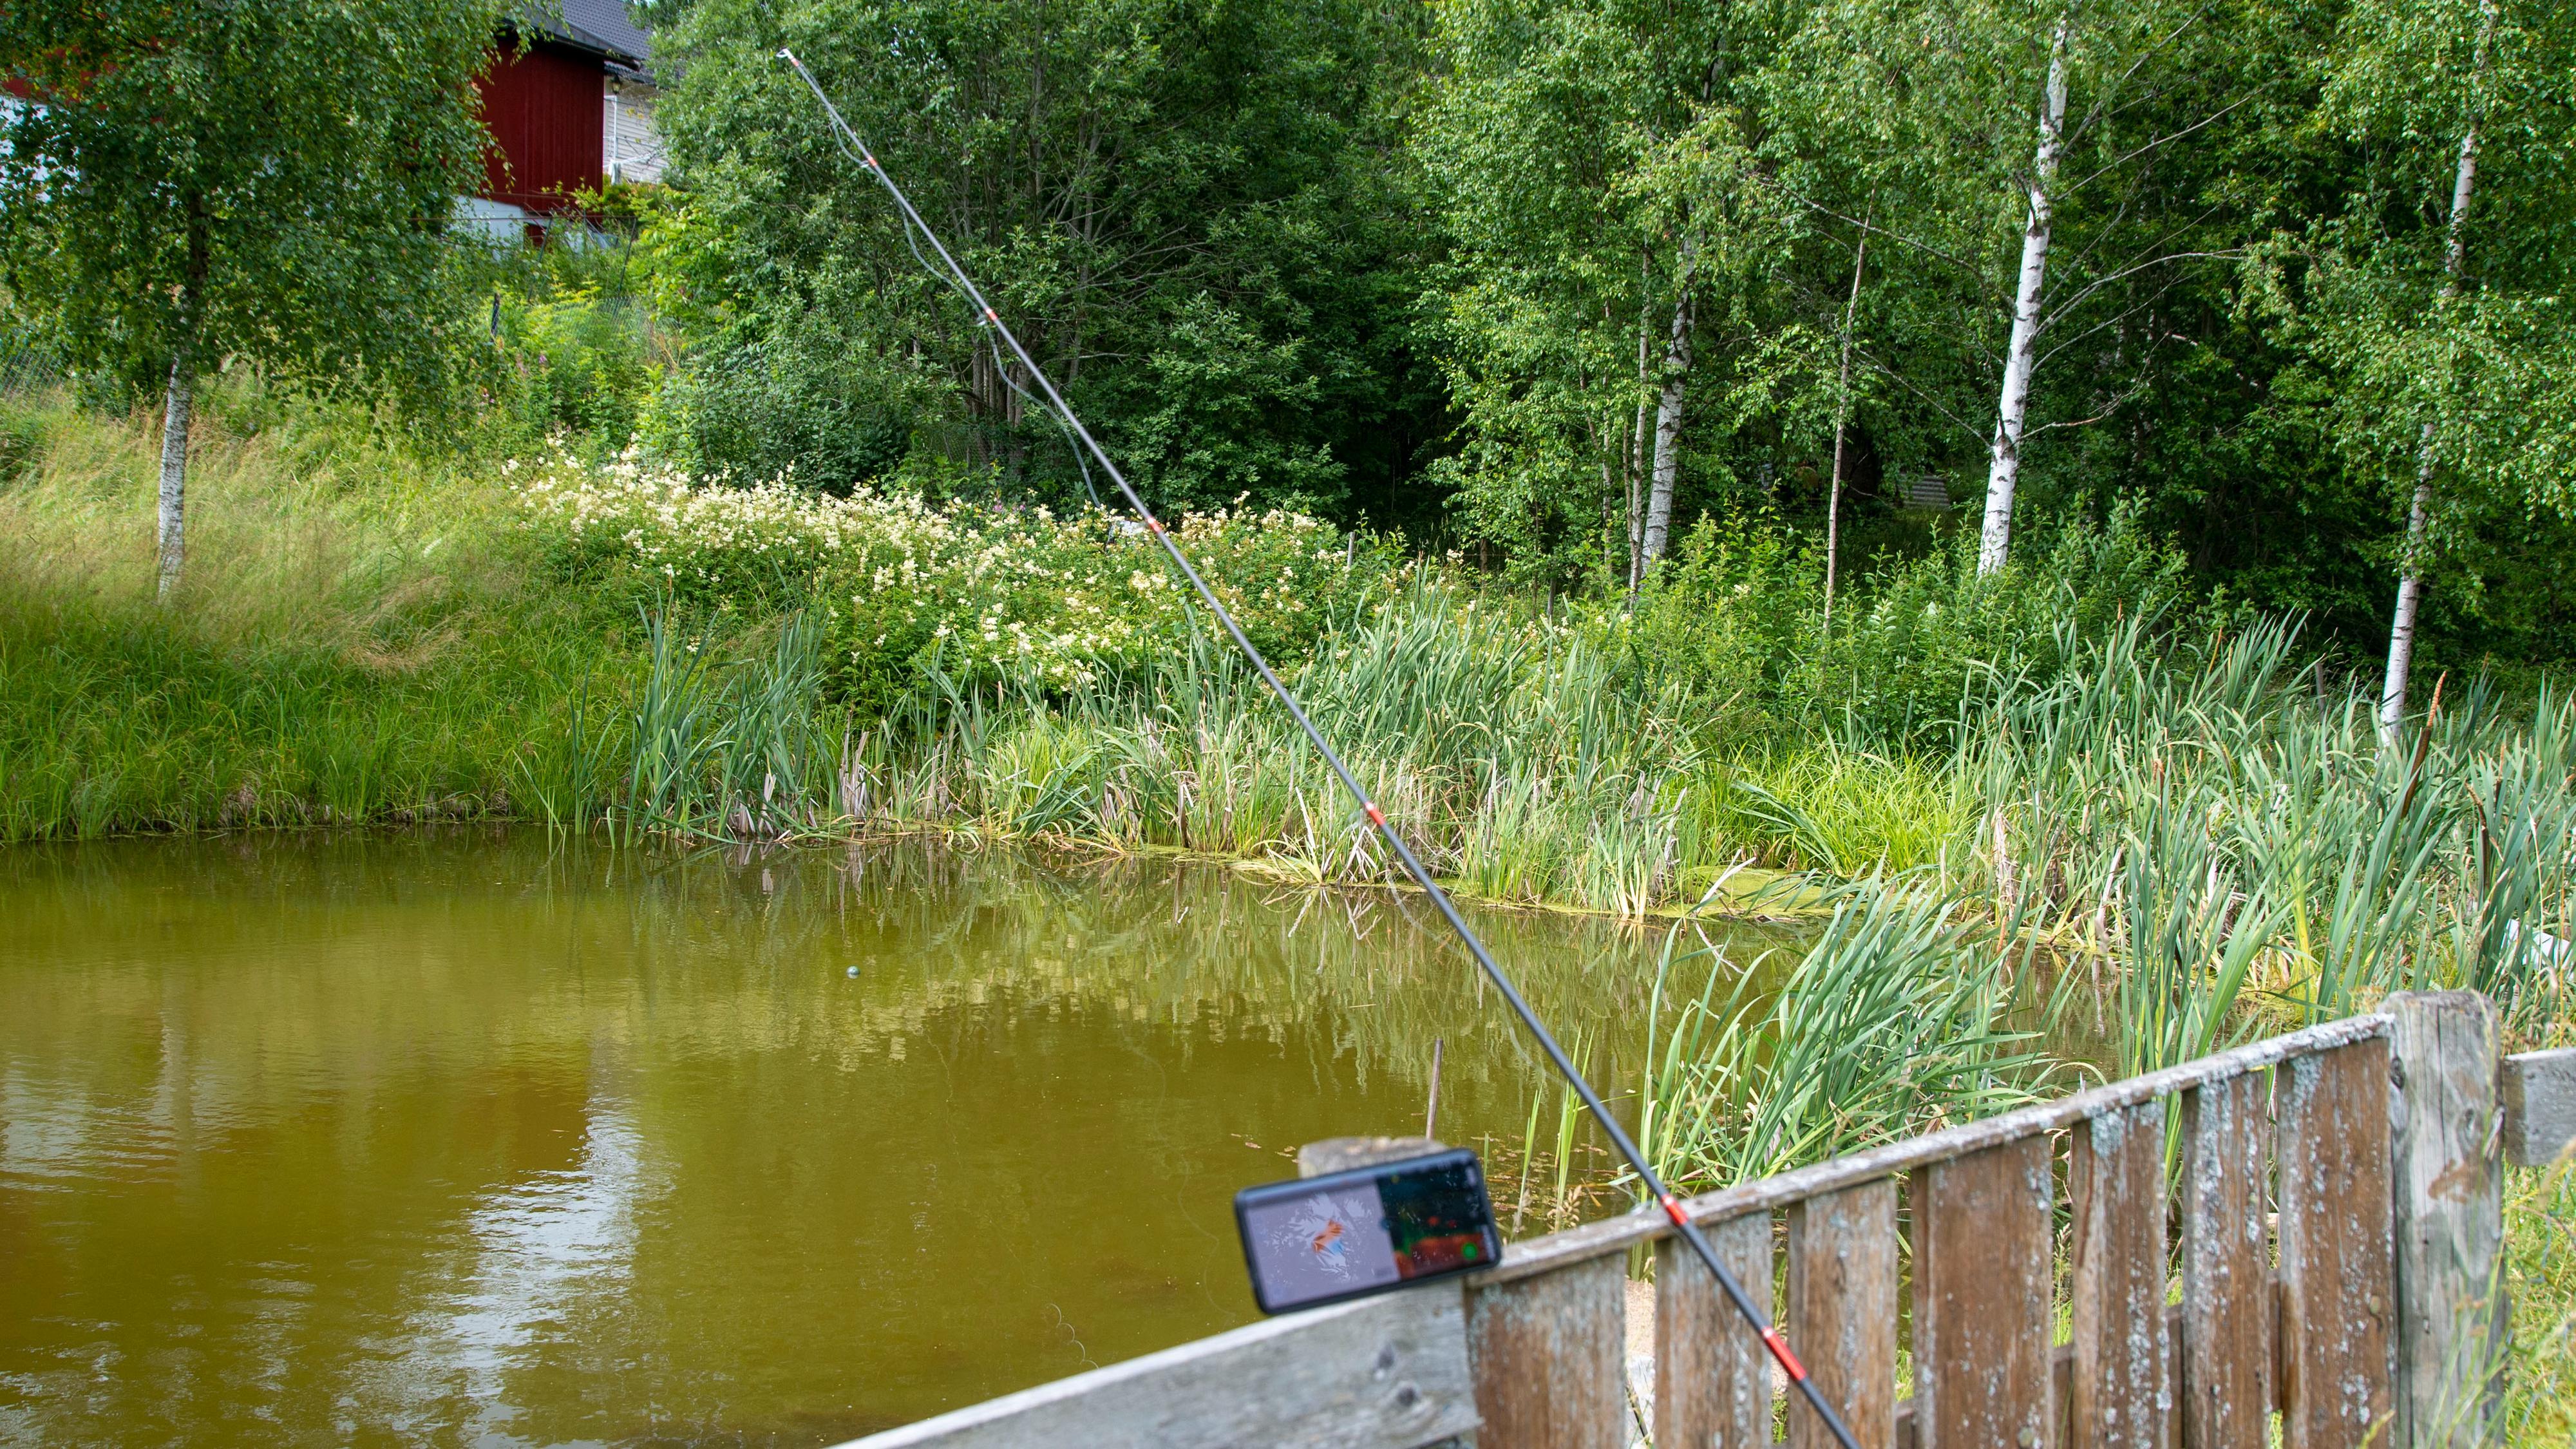 Det lønner seg å ha telefonen litt plassert over vannflaten. Da er du helt sikker på at kommunikasjonen fungerer best mulig.